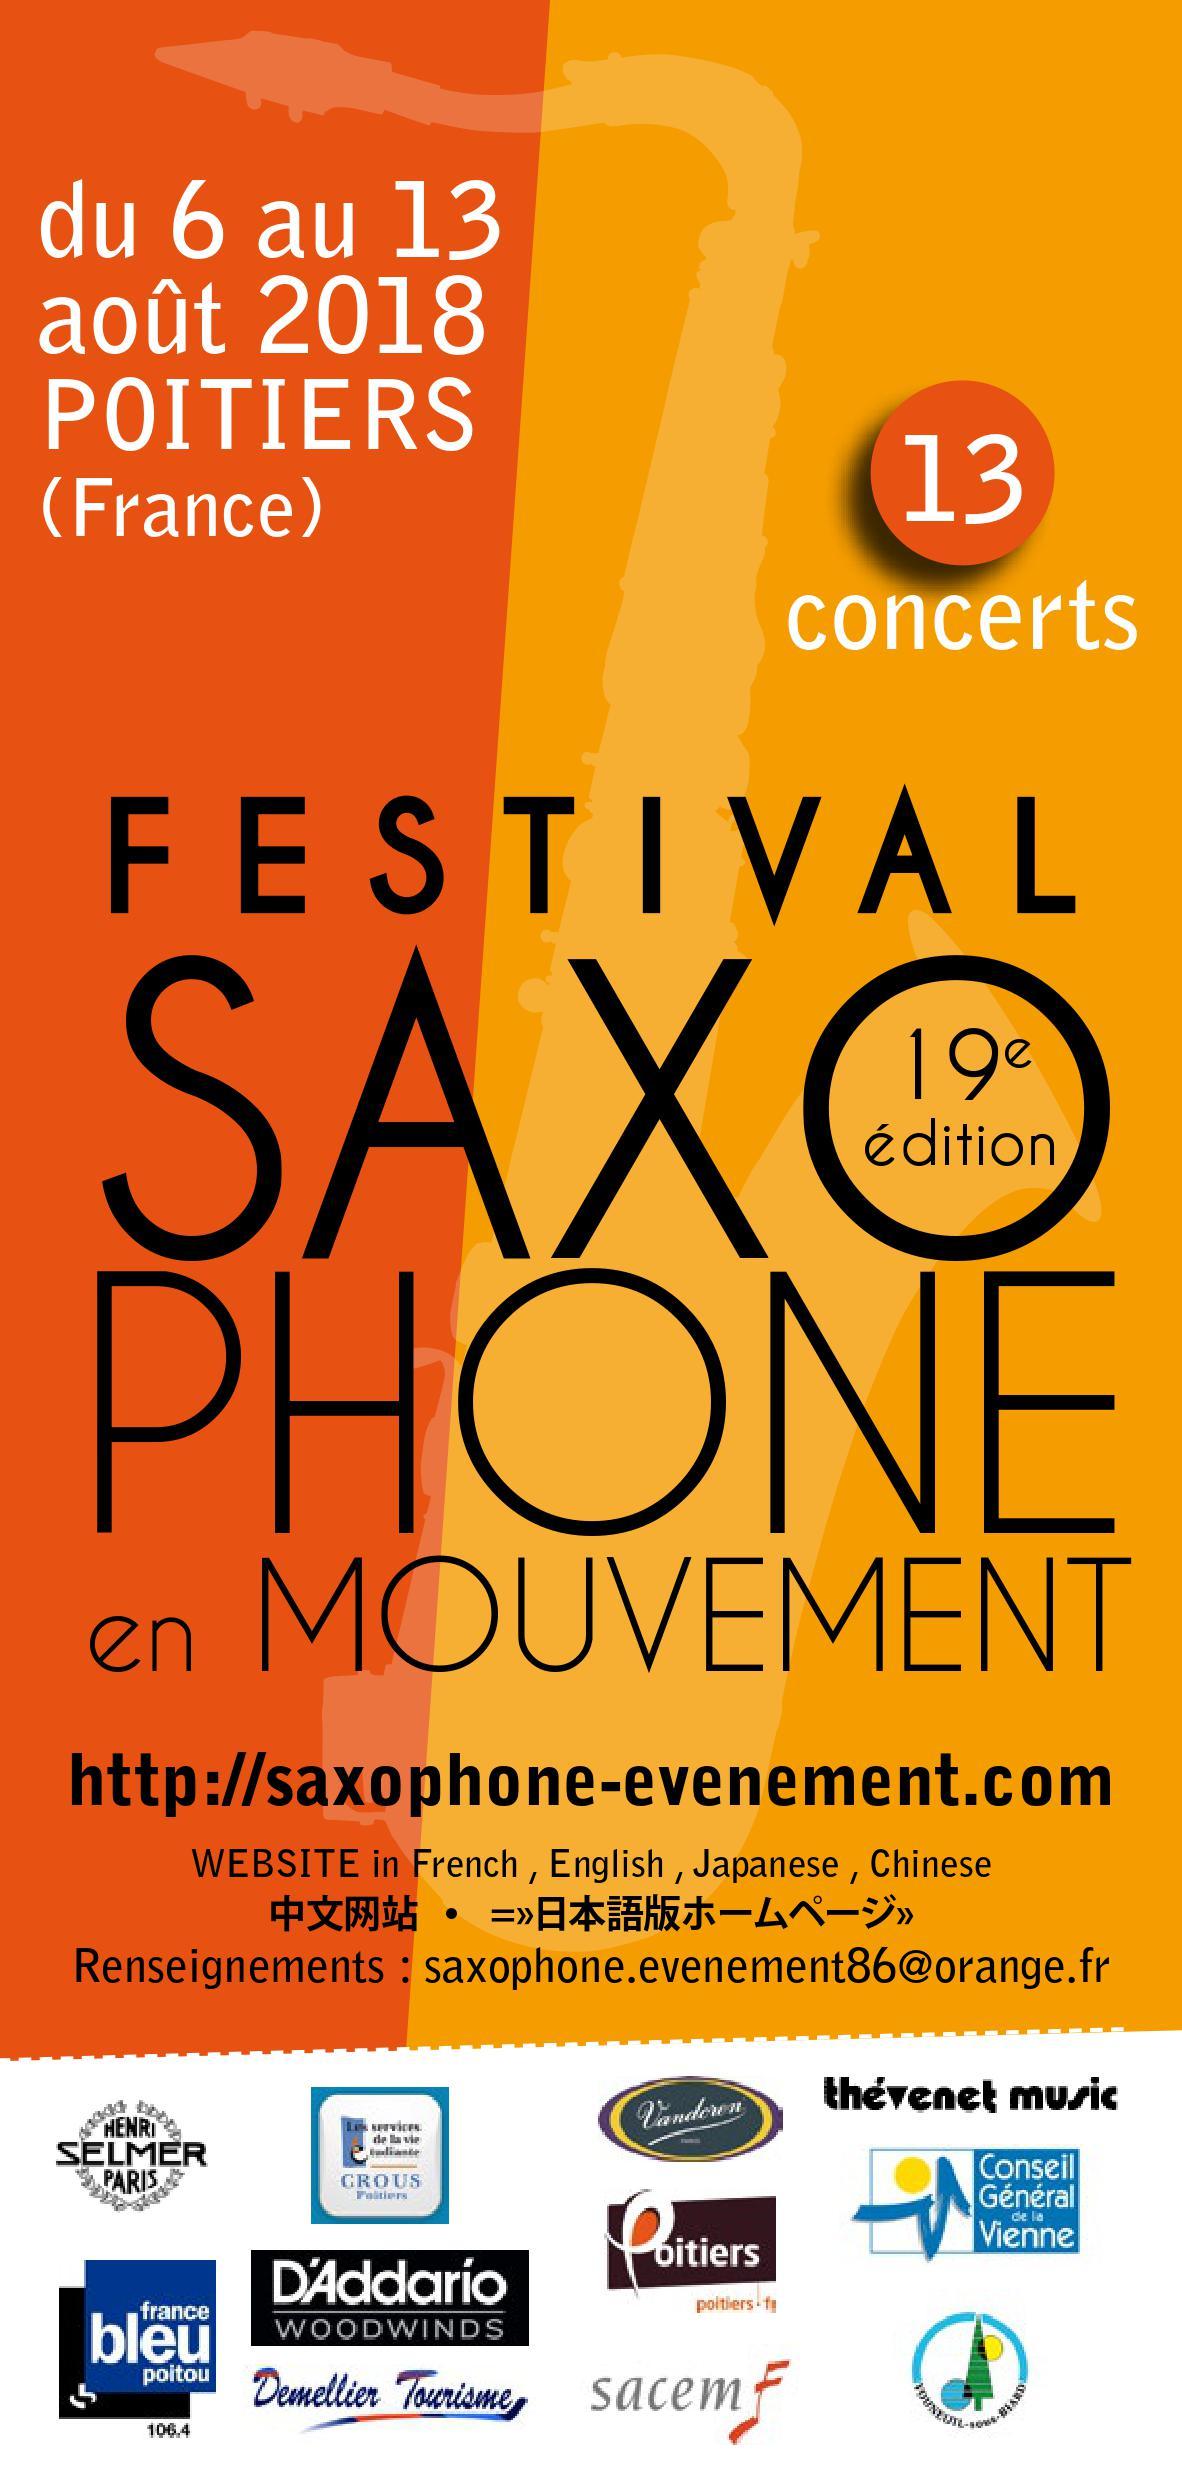 Adolphesax SAxophone en mouvement 1 1 2018